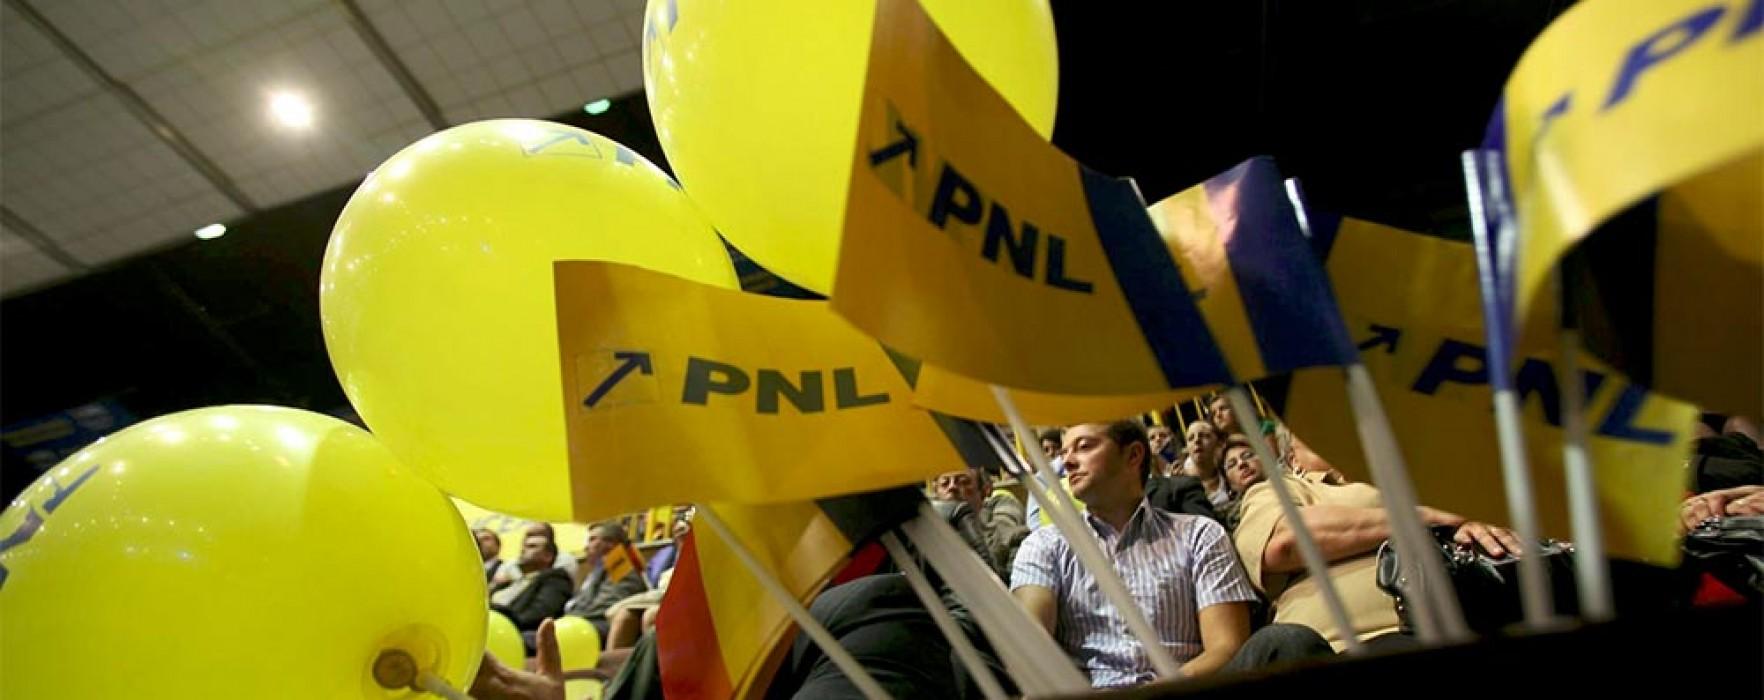 Protest al PNL, vineri, în faţa Prefecturii Dâmboviţa